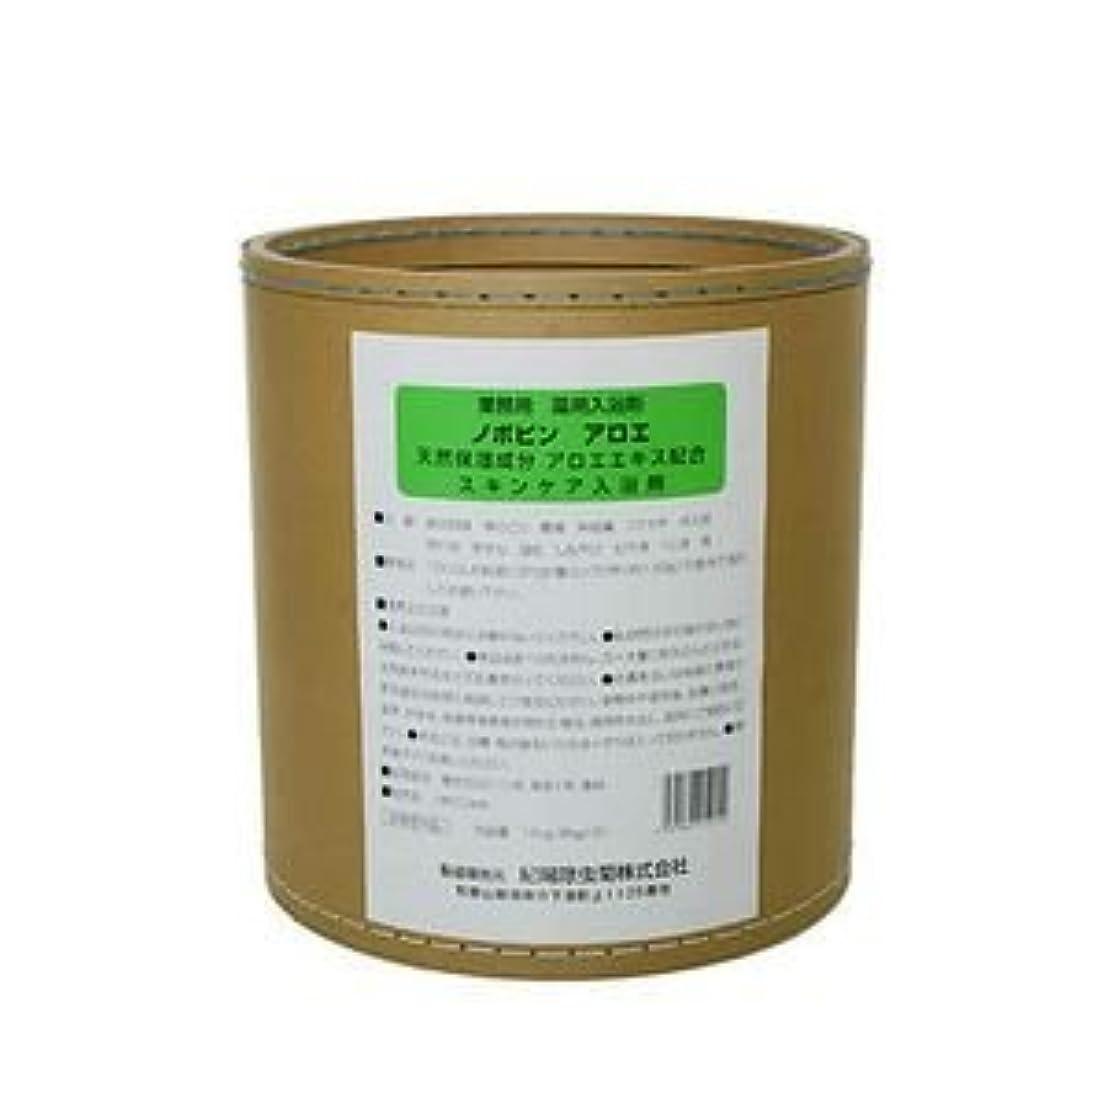 スタウト効率的に病院業務用 バス 入浴剤 ノボピン アロエ 16kg(8kg+2)